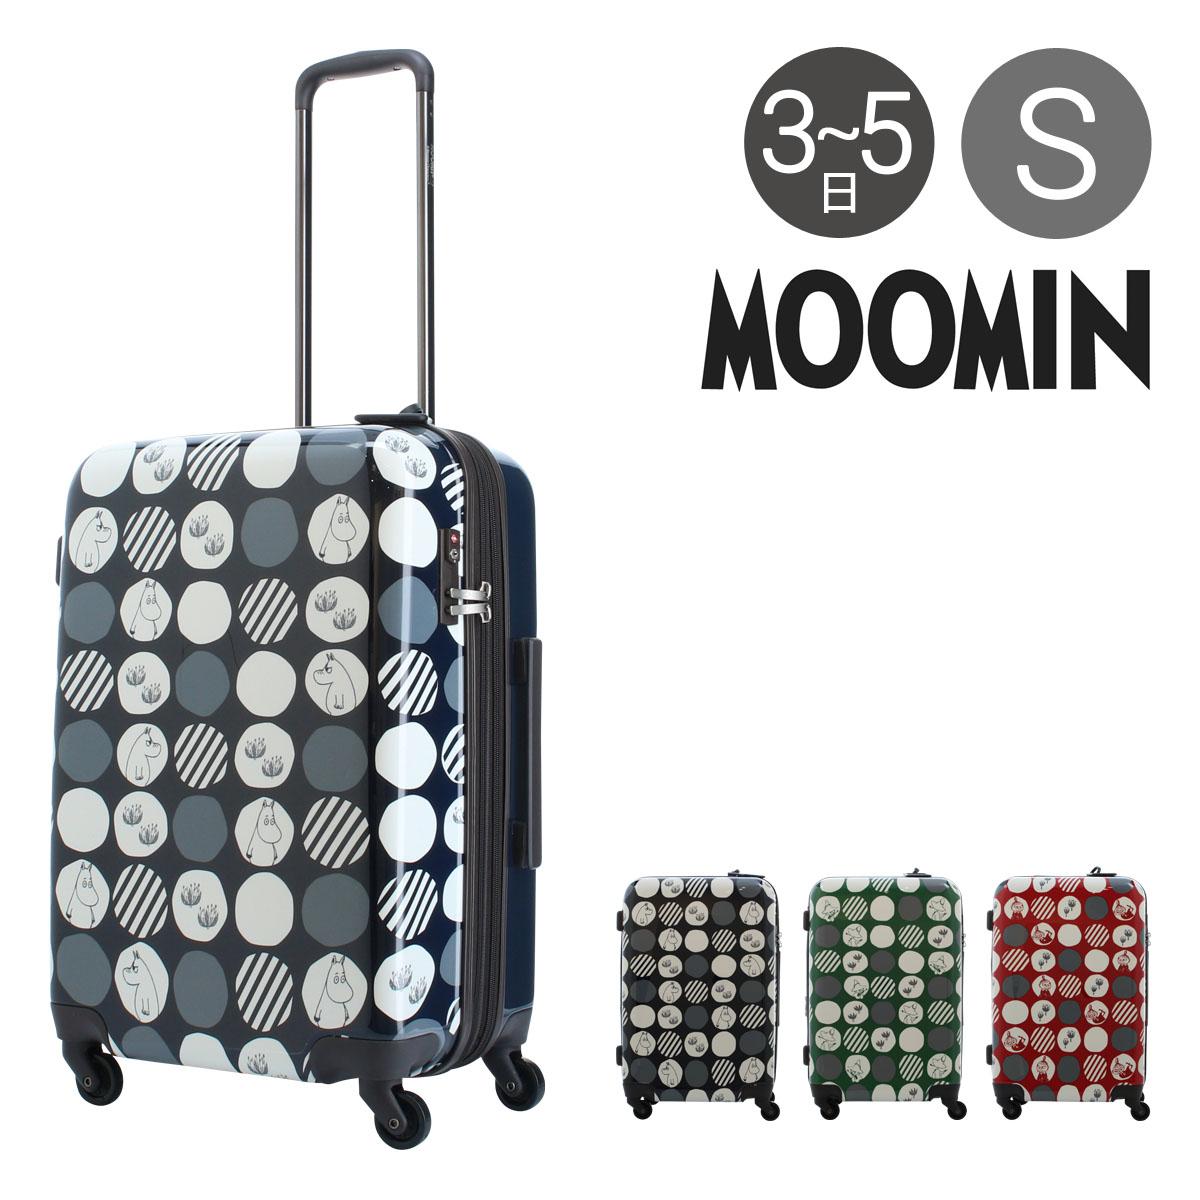 ムーミン スーツケース 当社限定 かわいい 50L 56cm 3.9kg MM2-020 拡張 ハード ファスナー MOOMIN TSAロック搭載[即日発送]